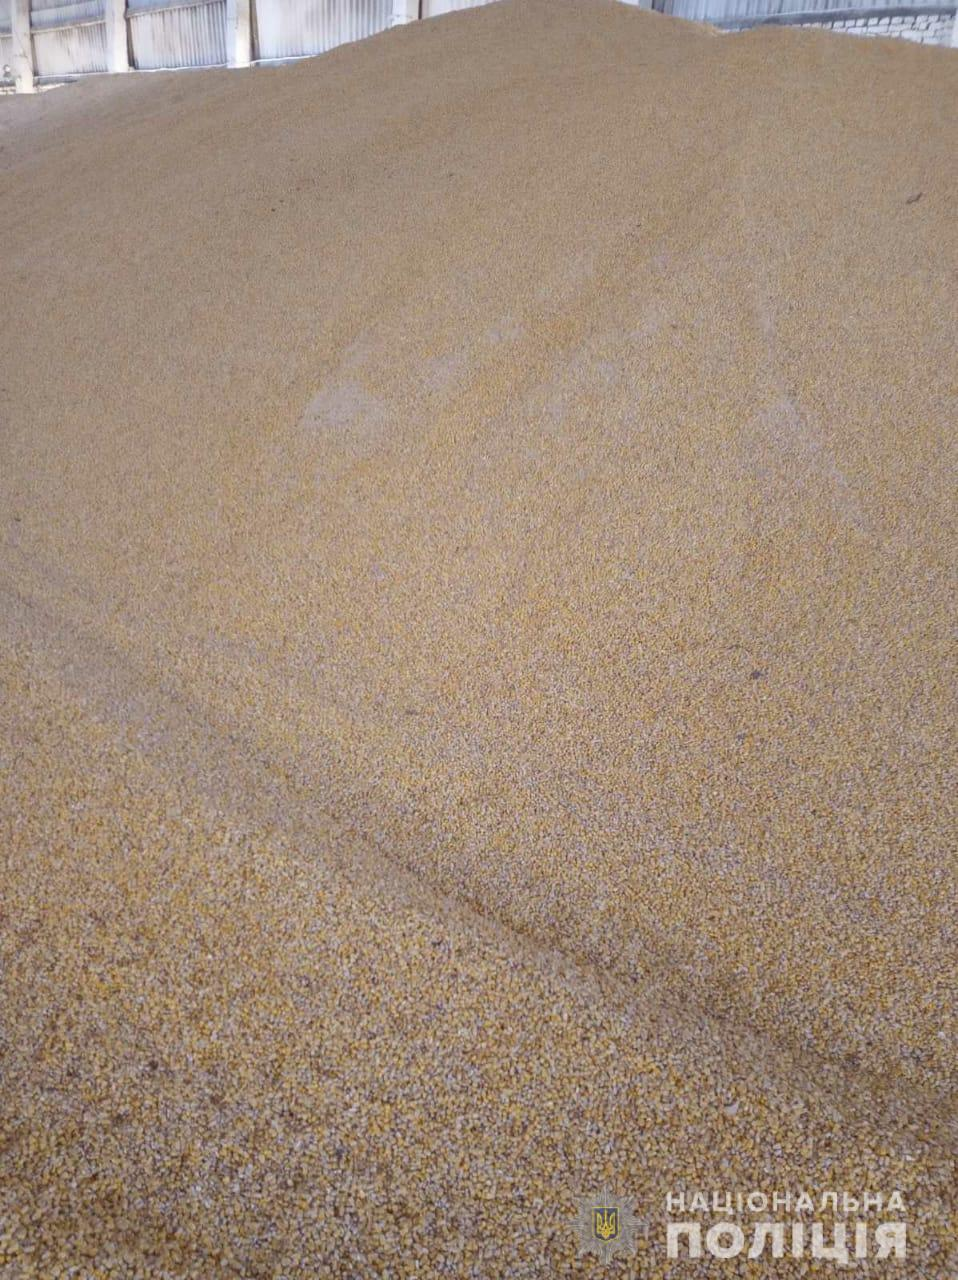 soya1 На Миронівщині викрали 59 тонн сої: зловмиснику оголошено підозру